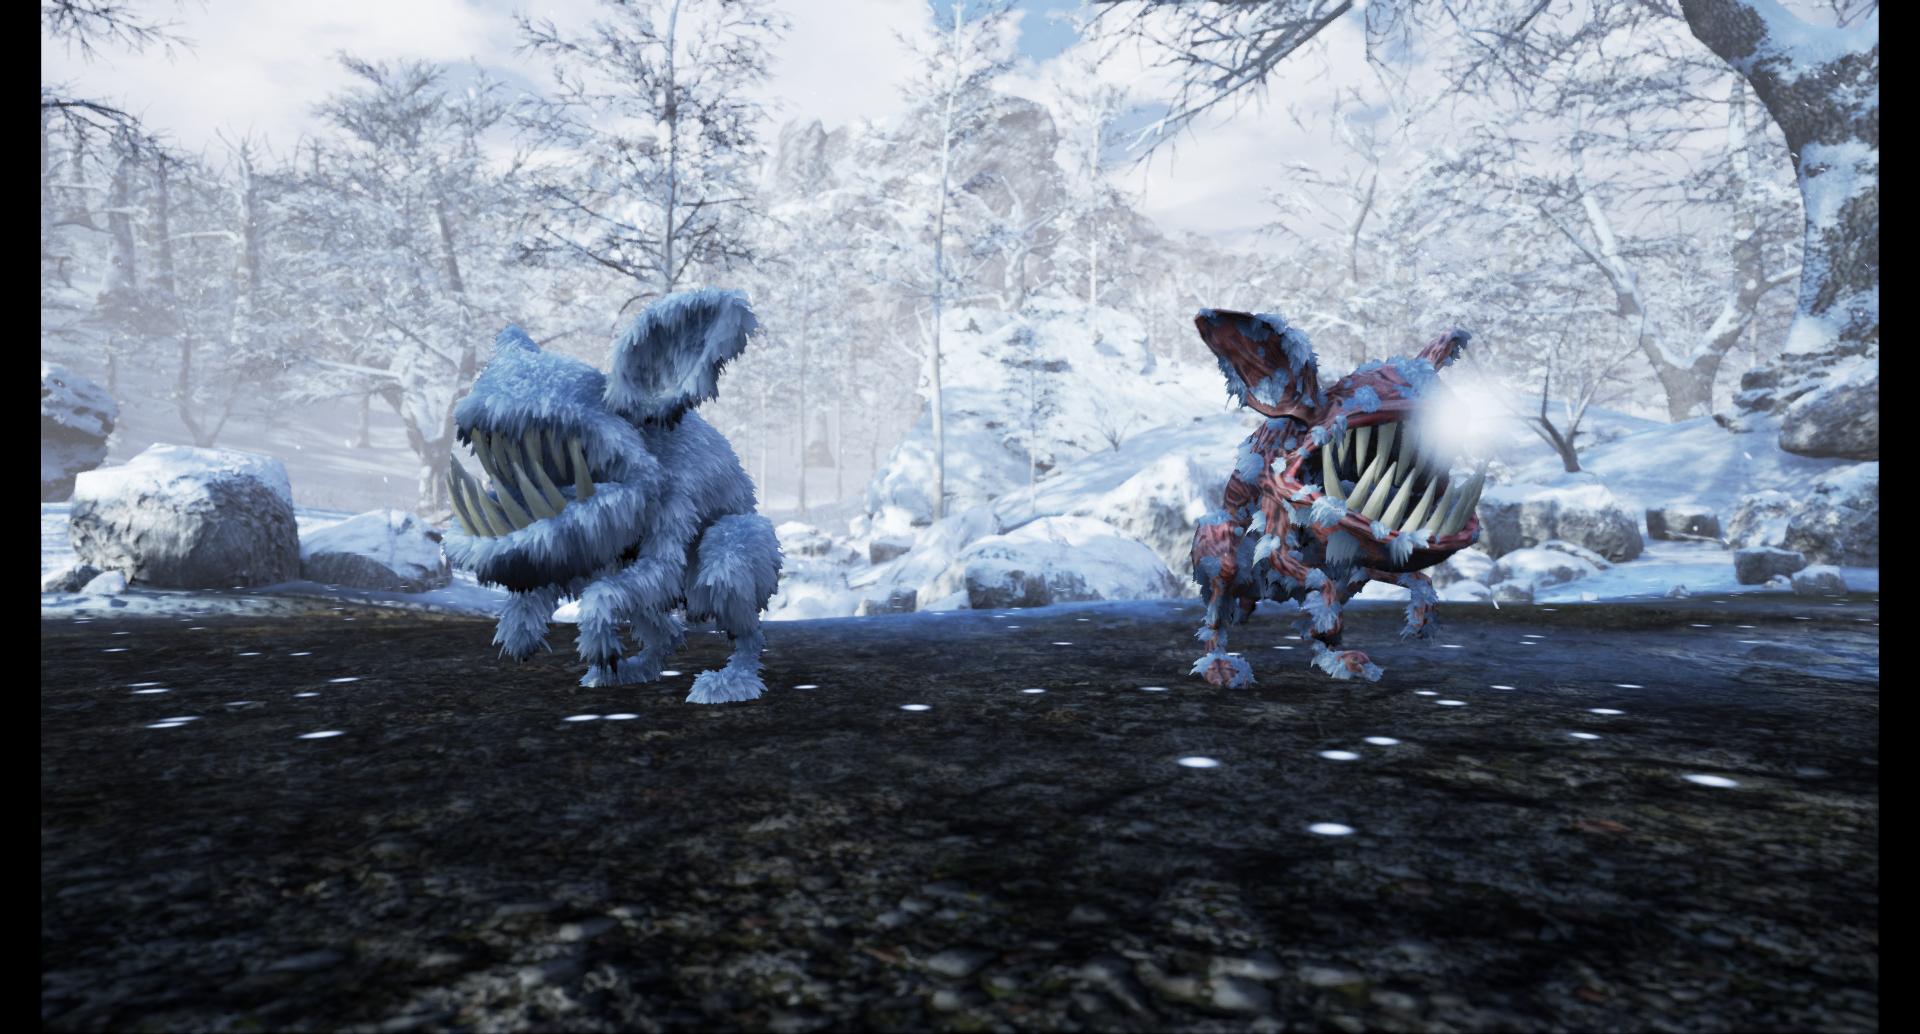 Monstruo en invierno